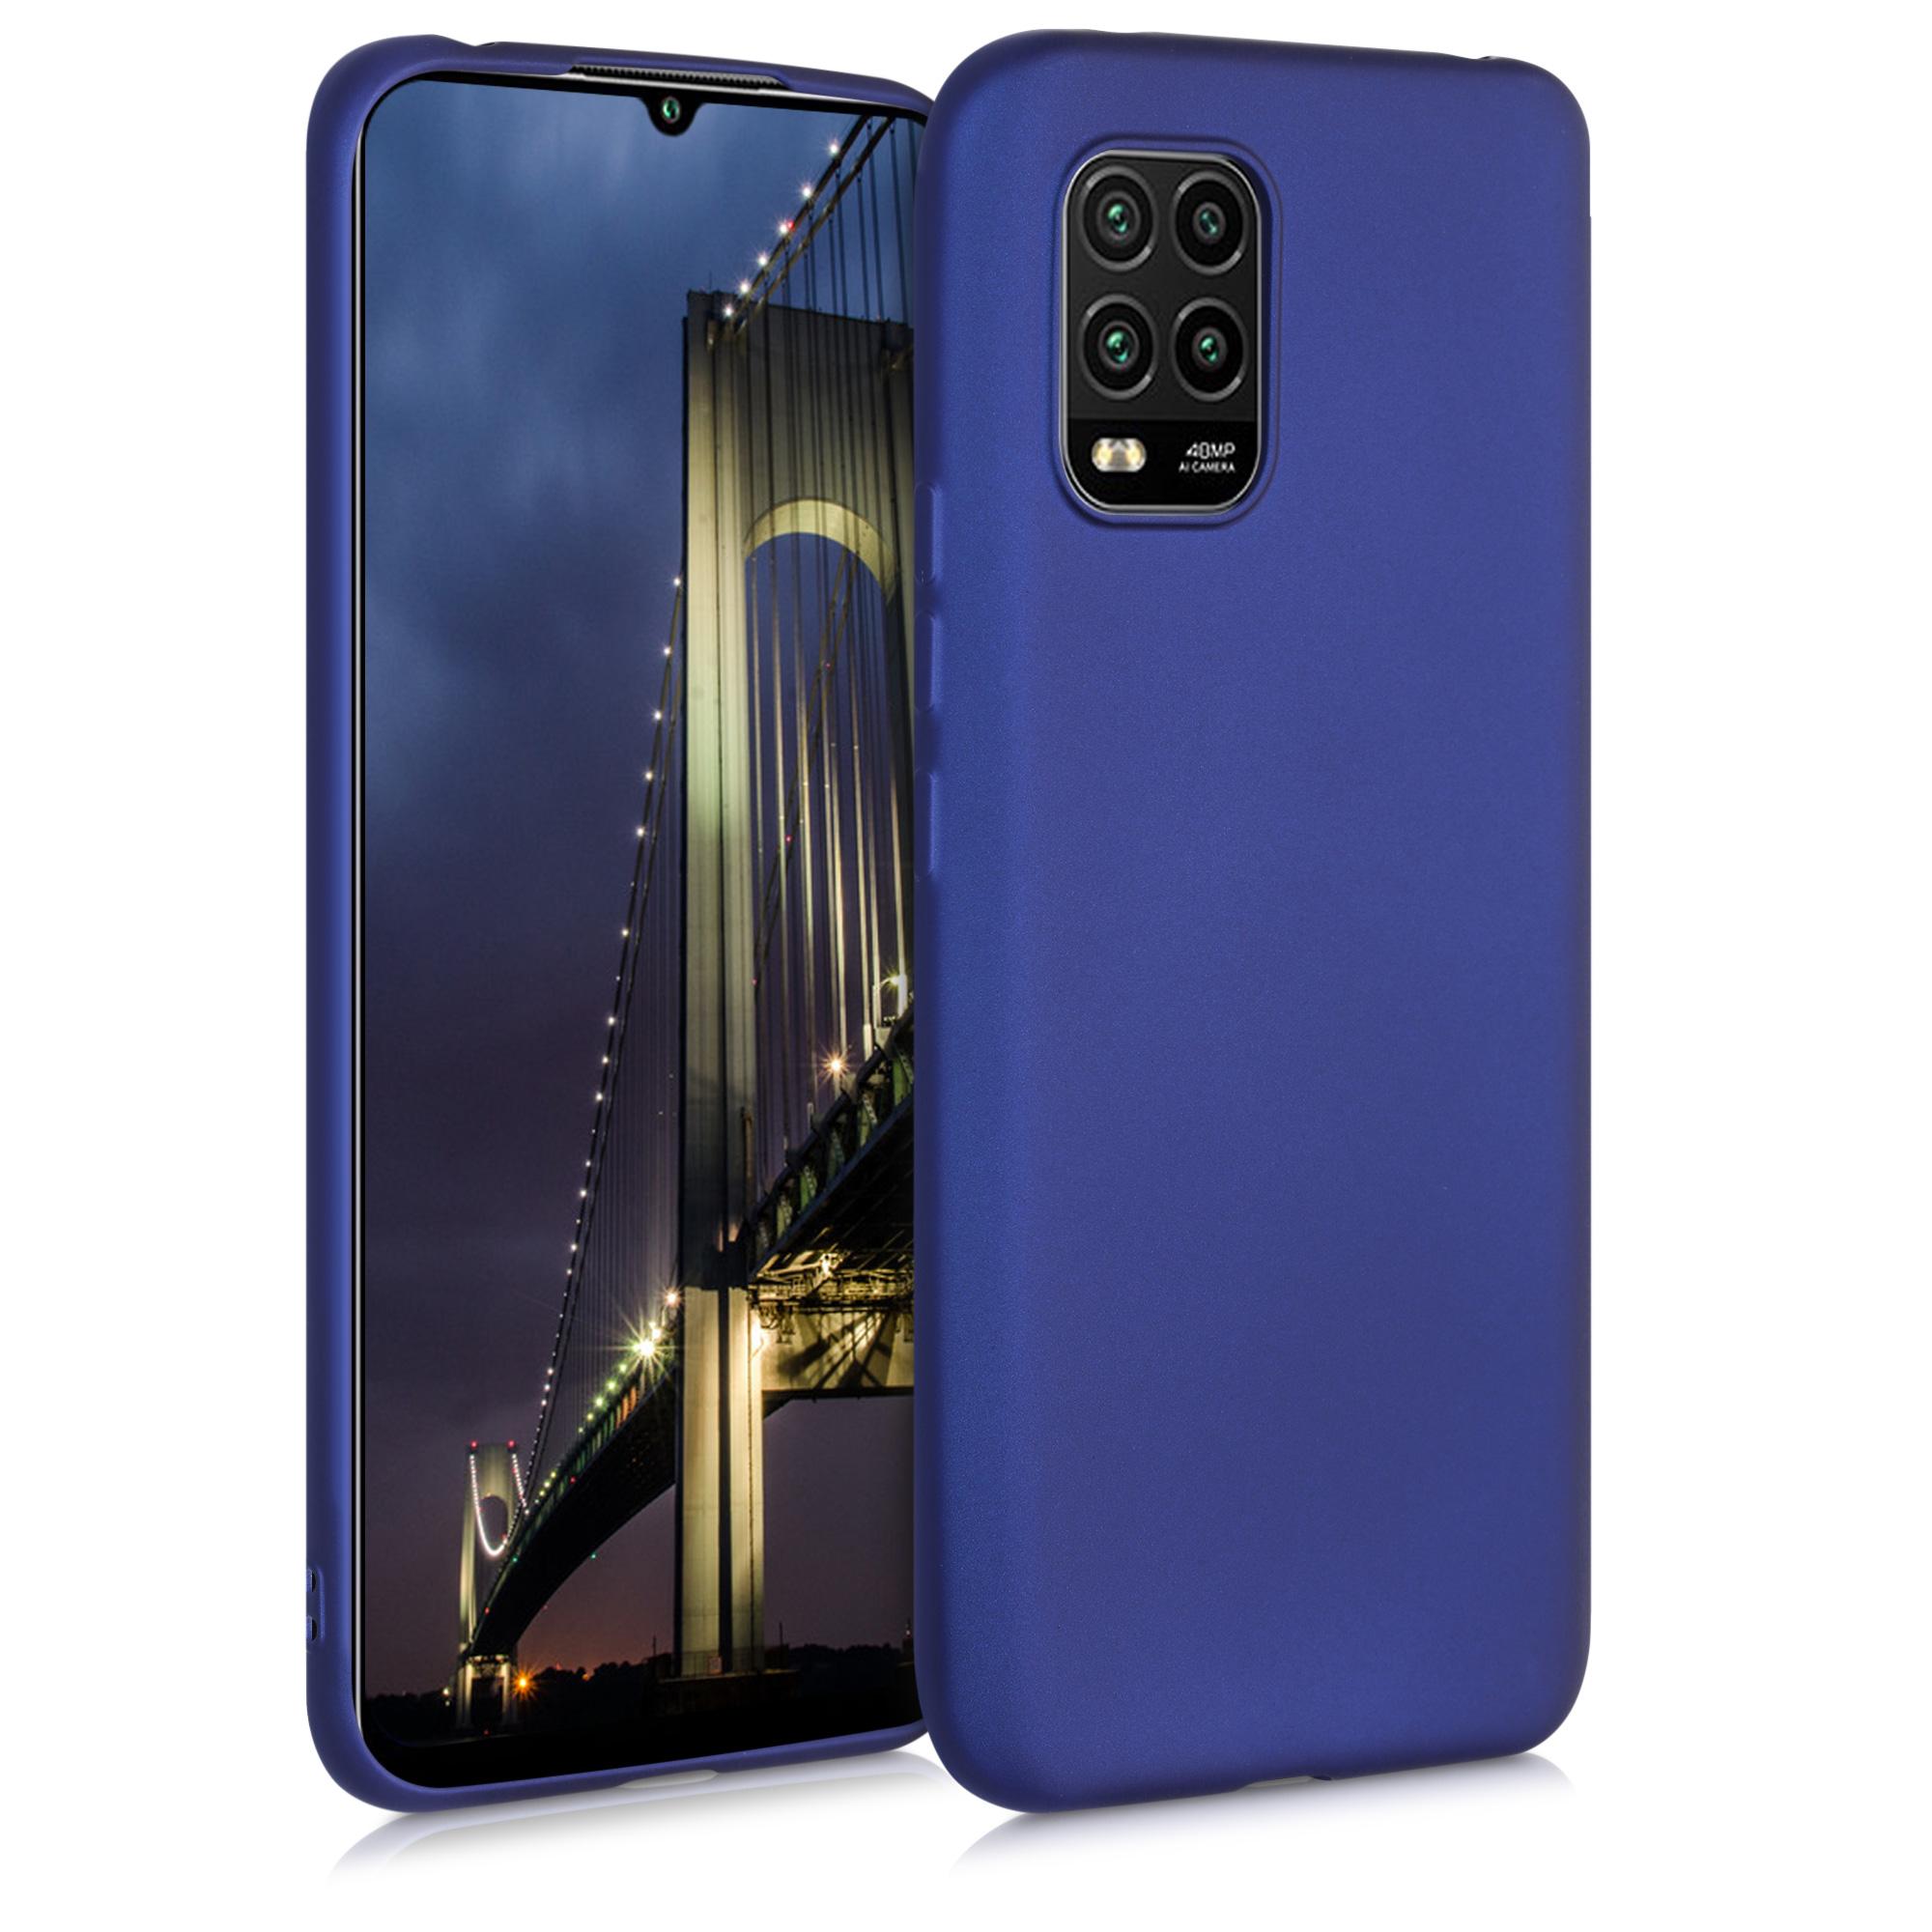 Metalické modré pouzdro / obal pro Xiaomi Mi 10 Lite